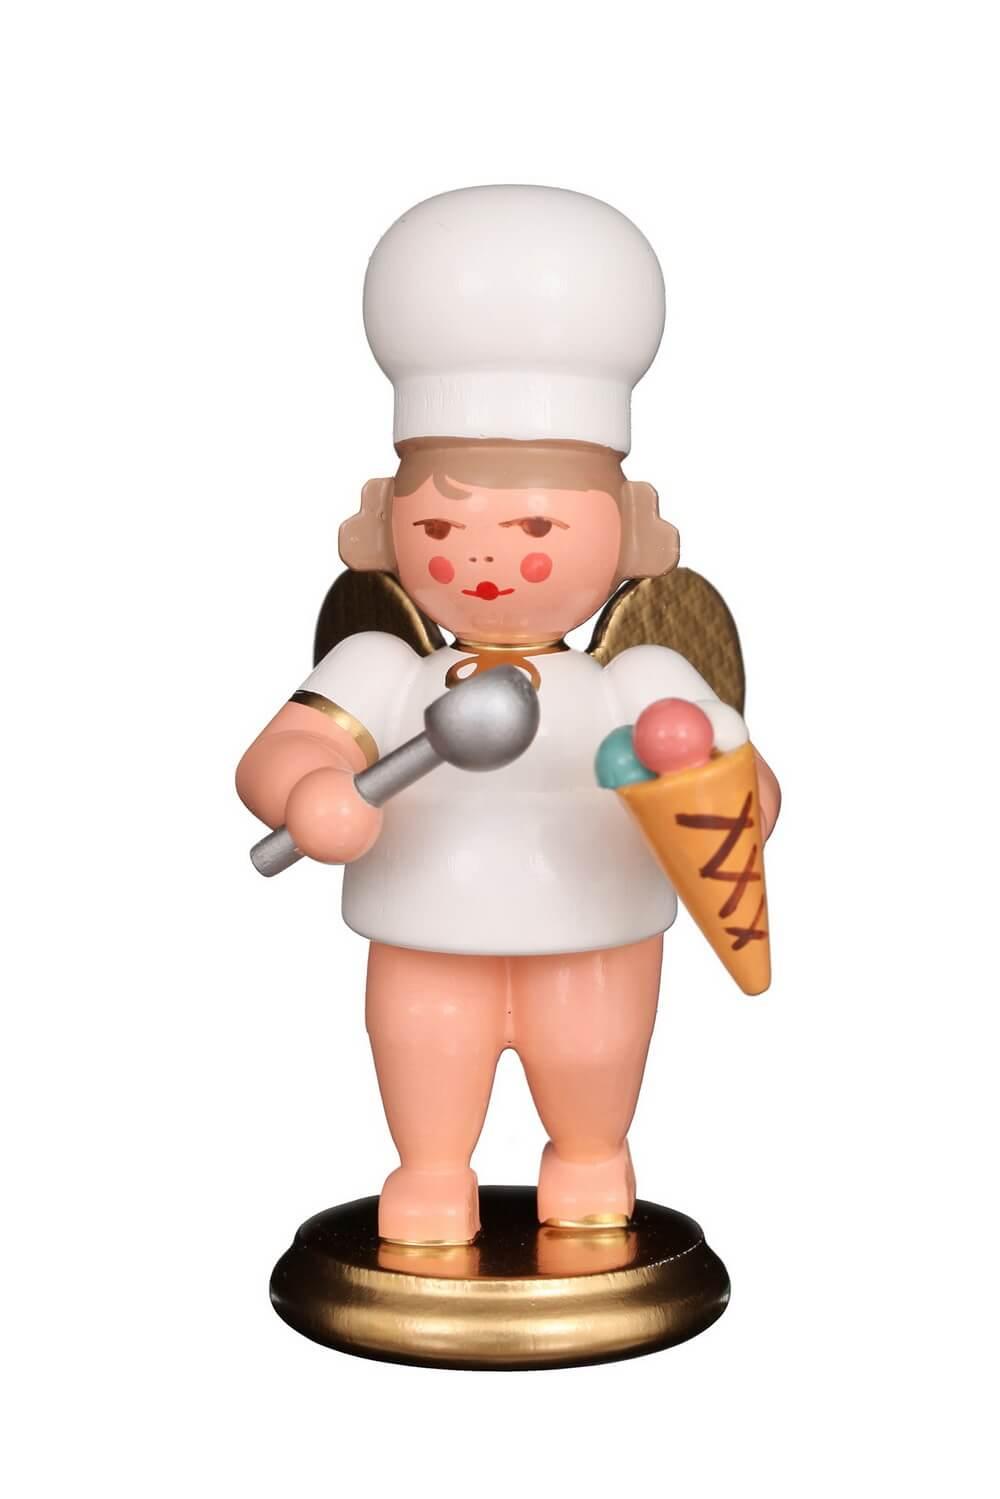 Weihnachtsengel - Bäckerengel mit Eistüte, 8 cm von Christian Ulbricht GmbH & Co KG Seiffen/ Erzgebirge